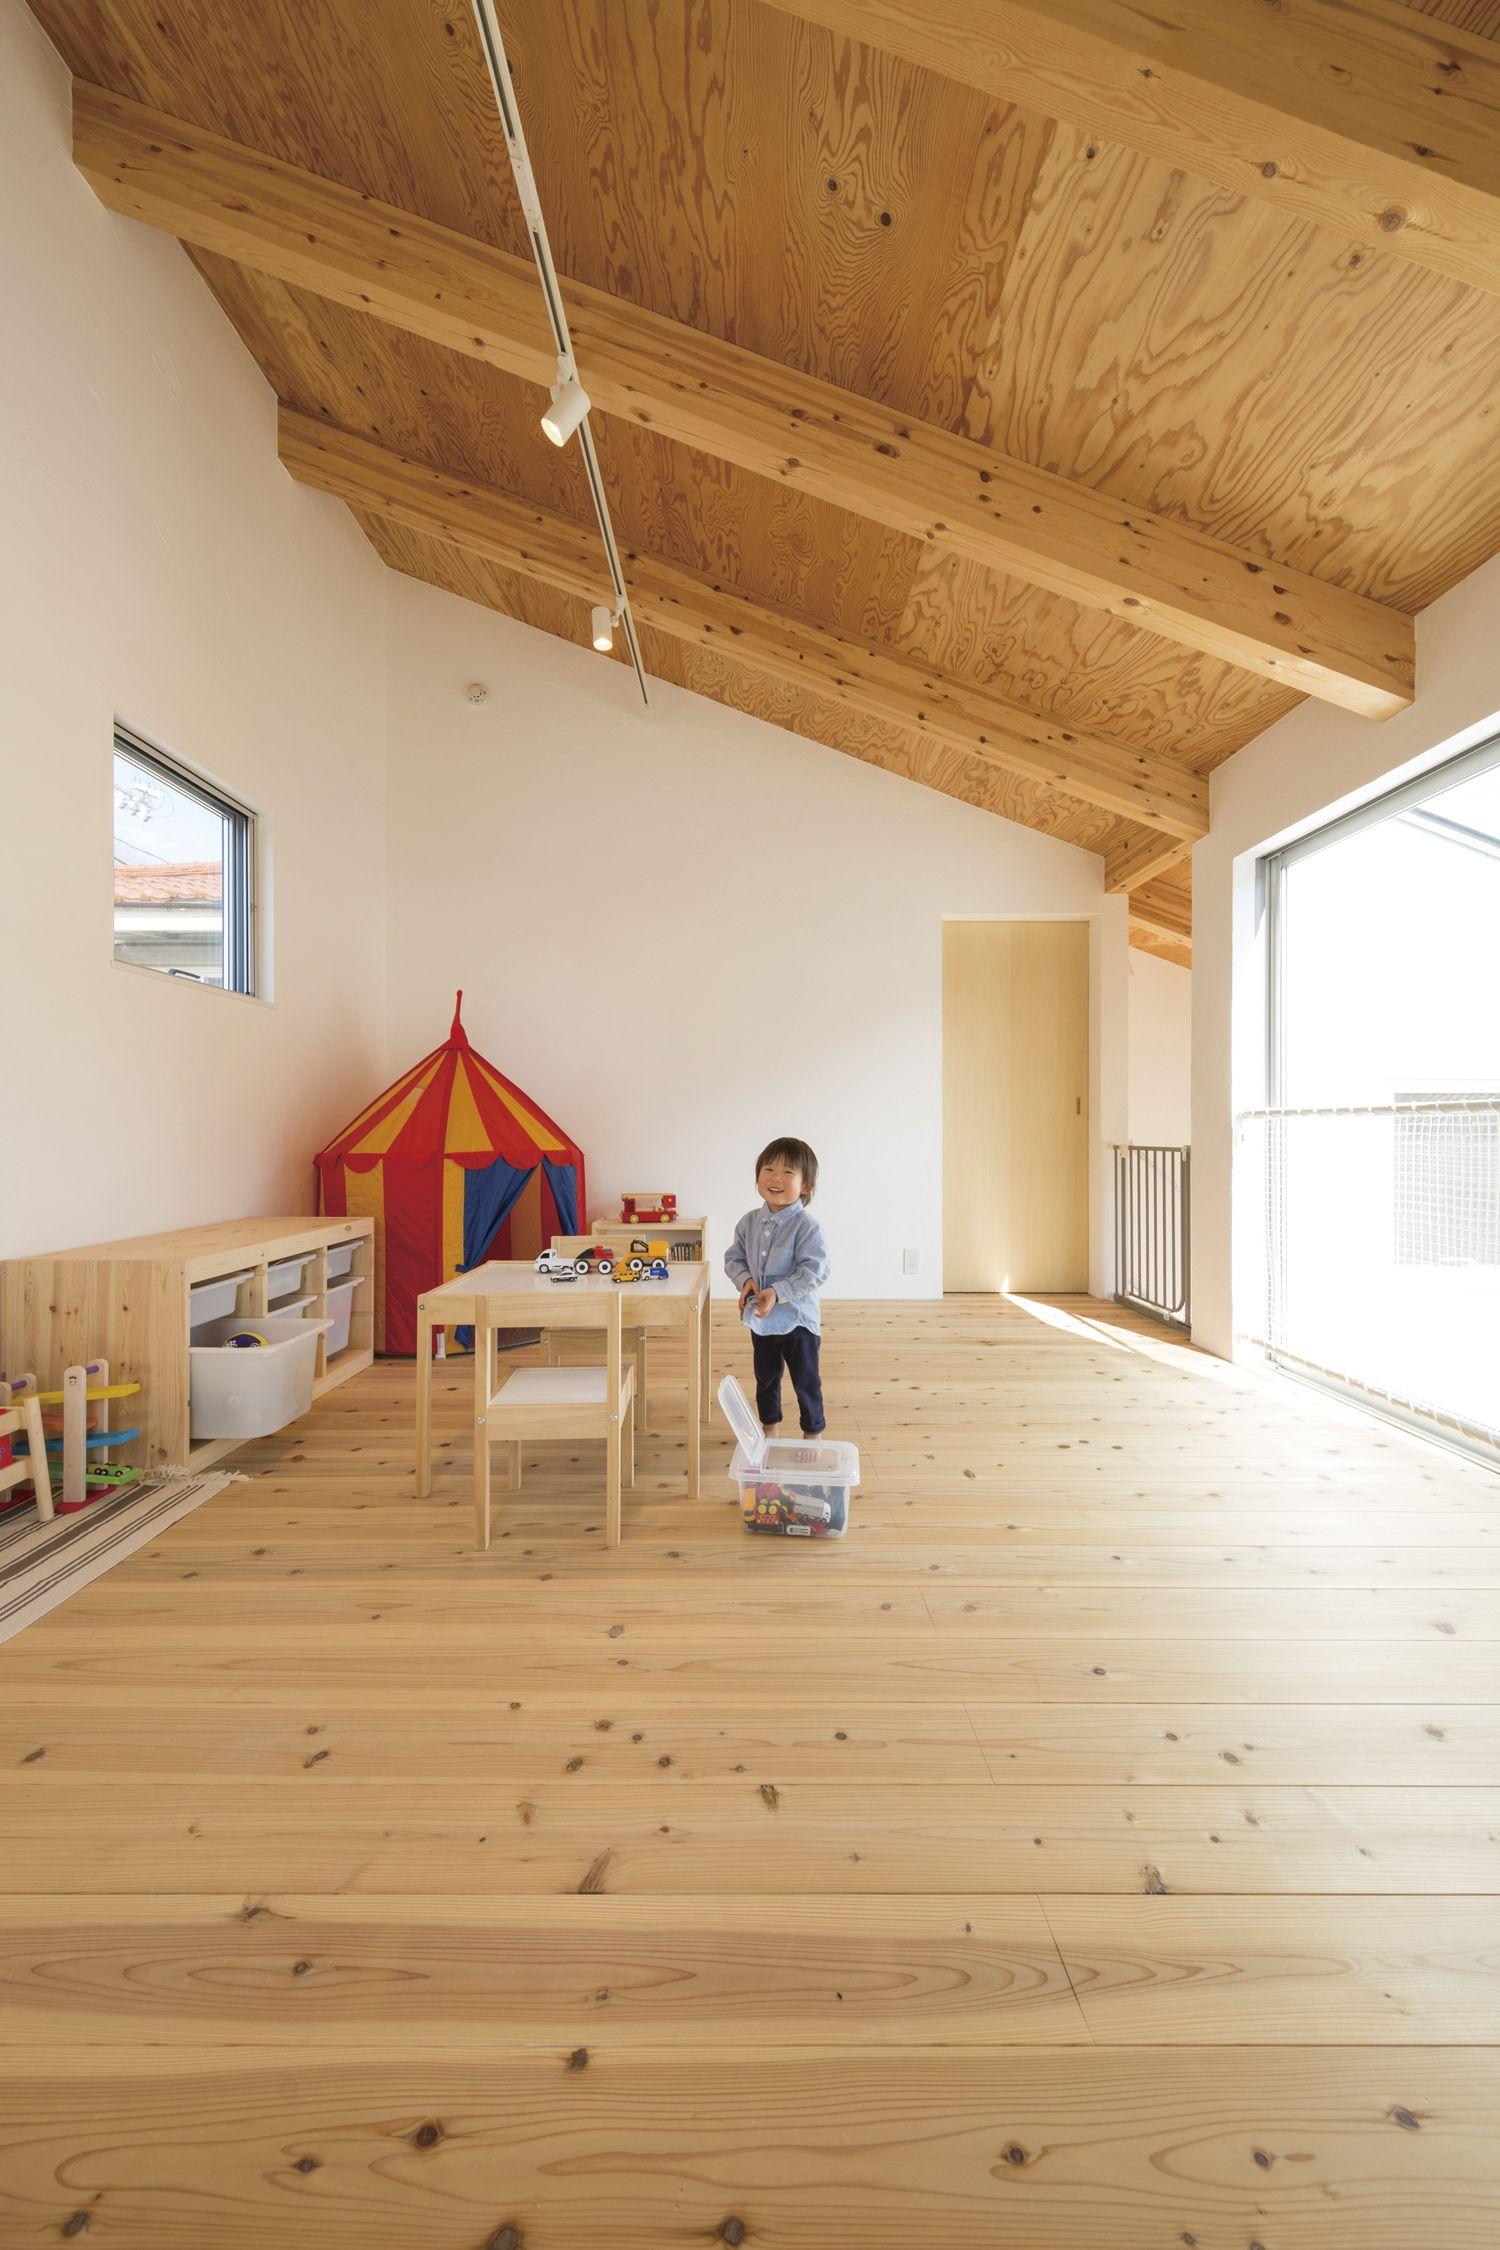 子ども部屋は 小さい時は広く遊び場として使います 大きくなったら